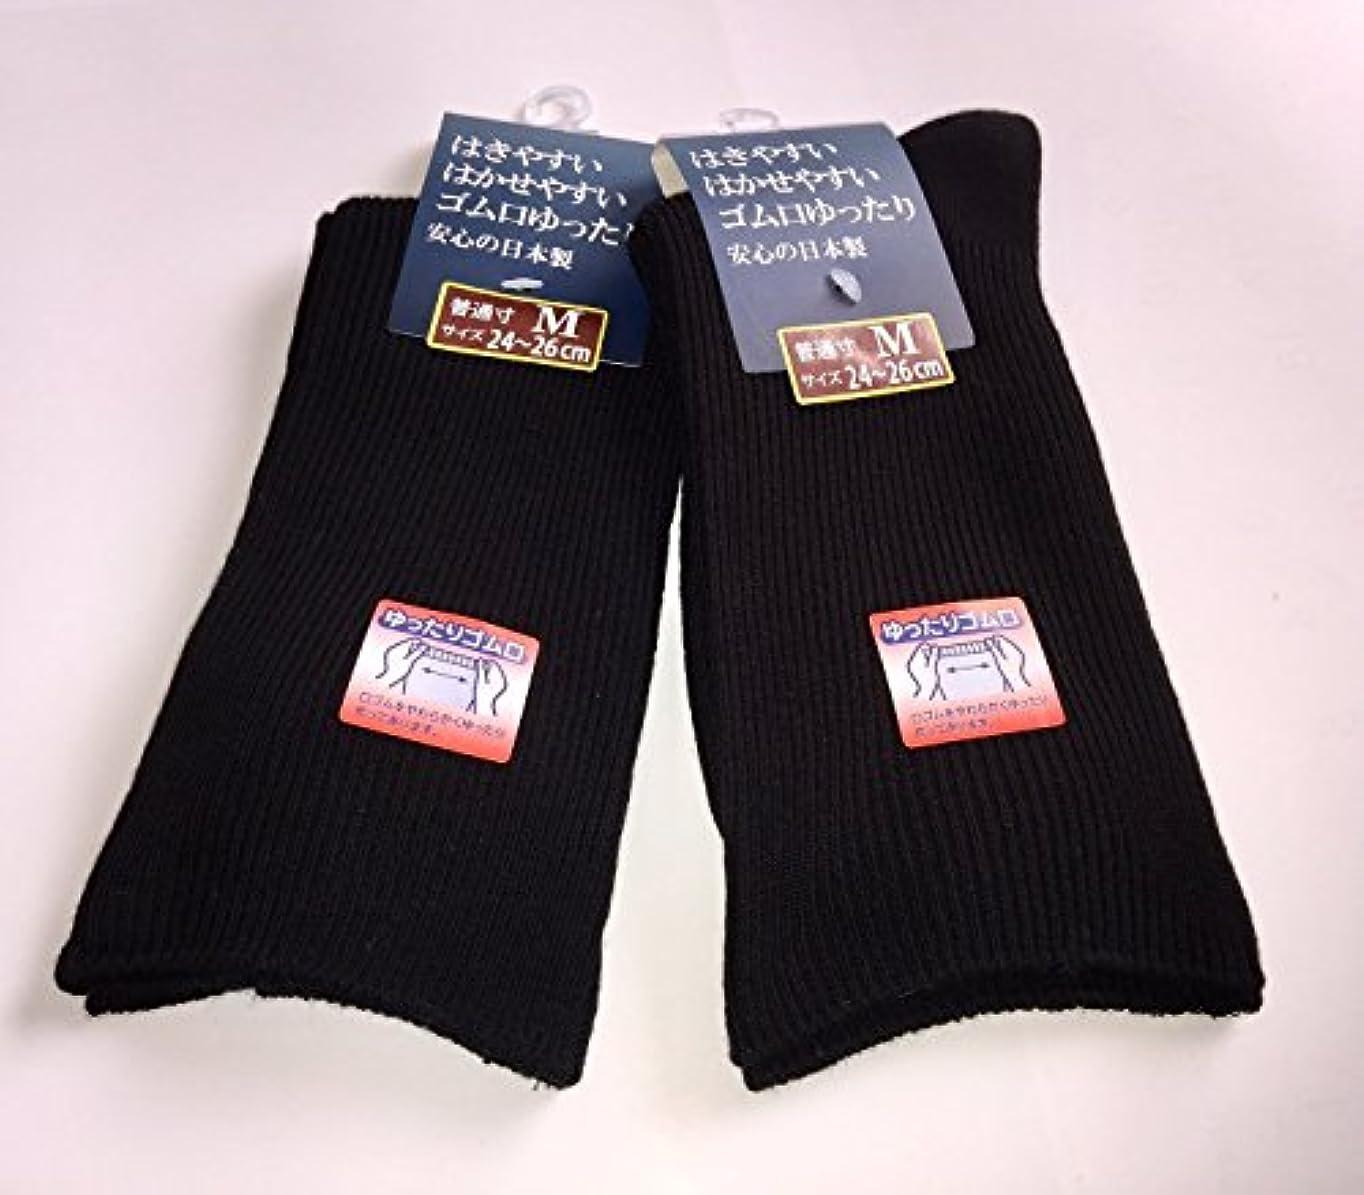 変わる海嶺ひまわり日本製 靴下 メンズ 口ゴムなし ゆったり靴下 24-26cm 2足組 (ブラック)